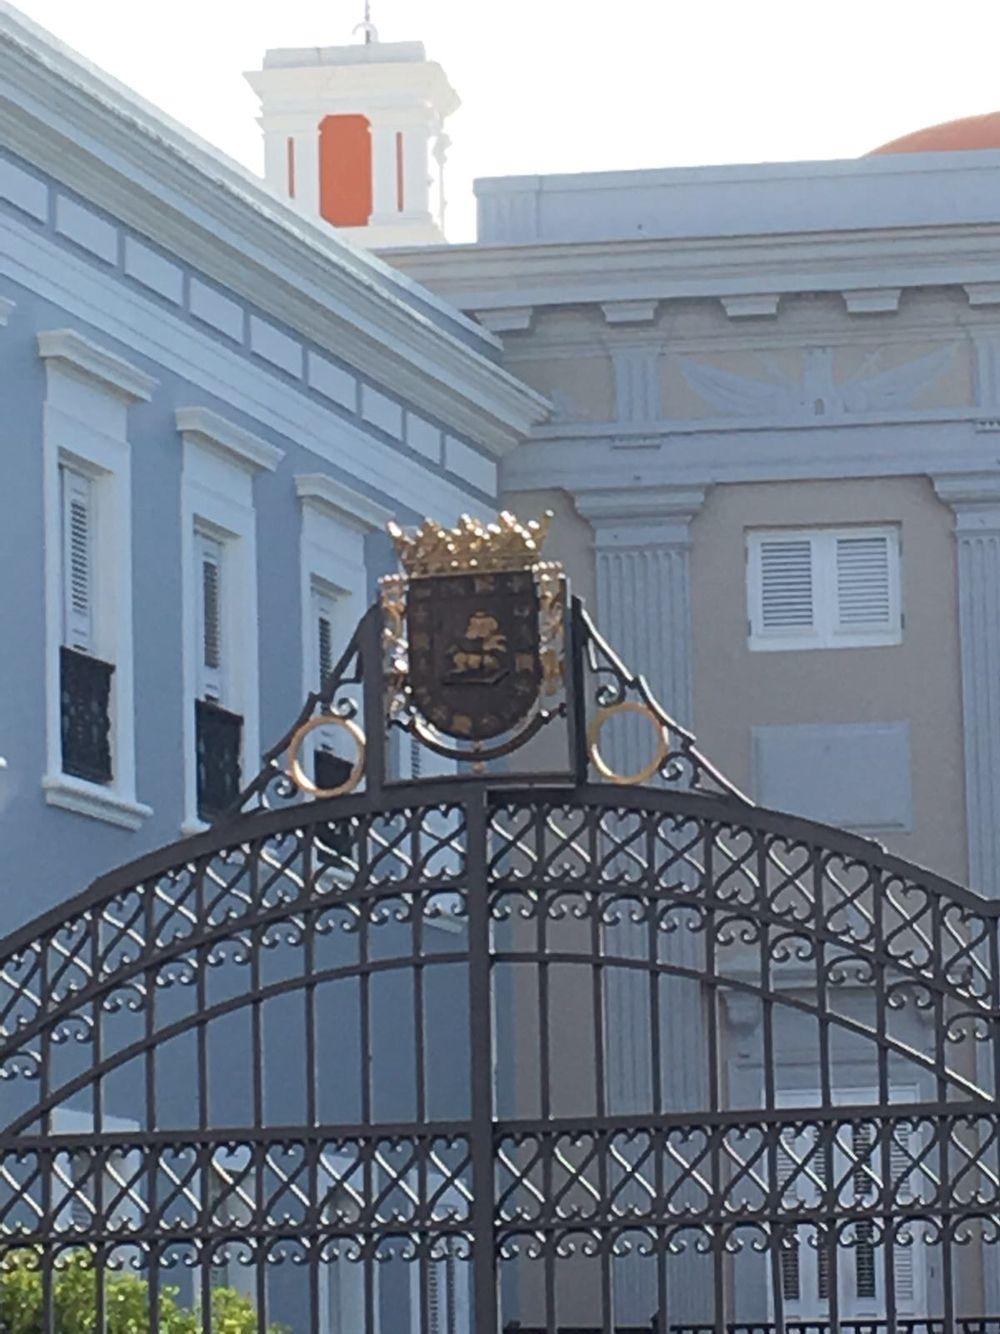 El recorrido fue realizado el sábado 17 de septiembre de 2016 al rededor de las 4:00pm. Podemos ver en esta imagen que el escudo está correctamente simbolizado #banderasyescudosVSJ #Sagradoagosto2016